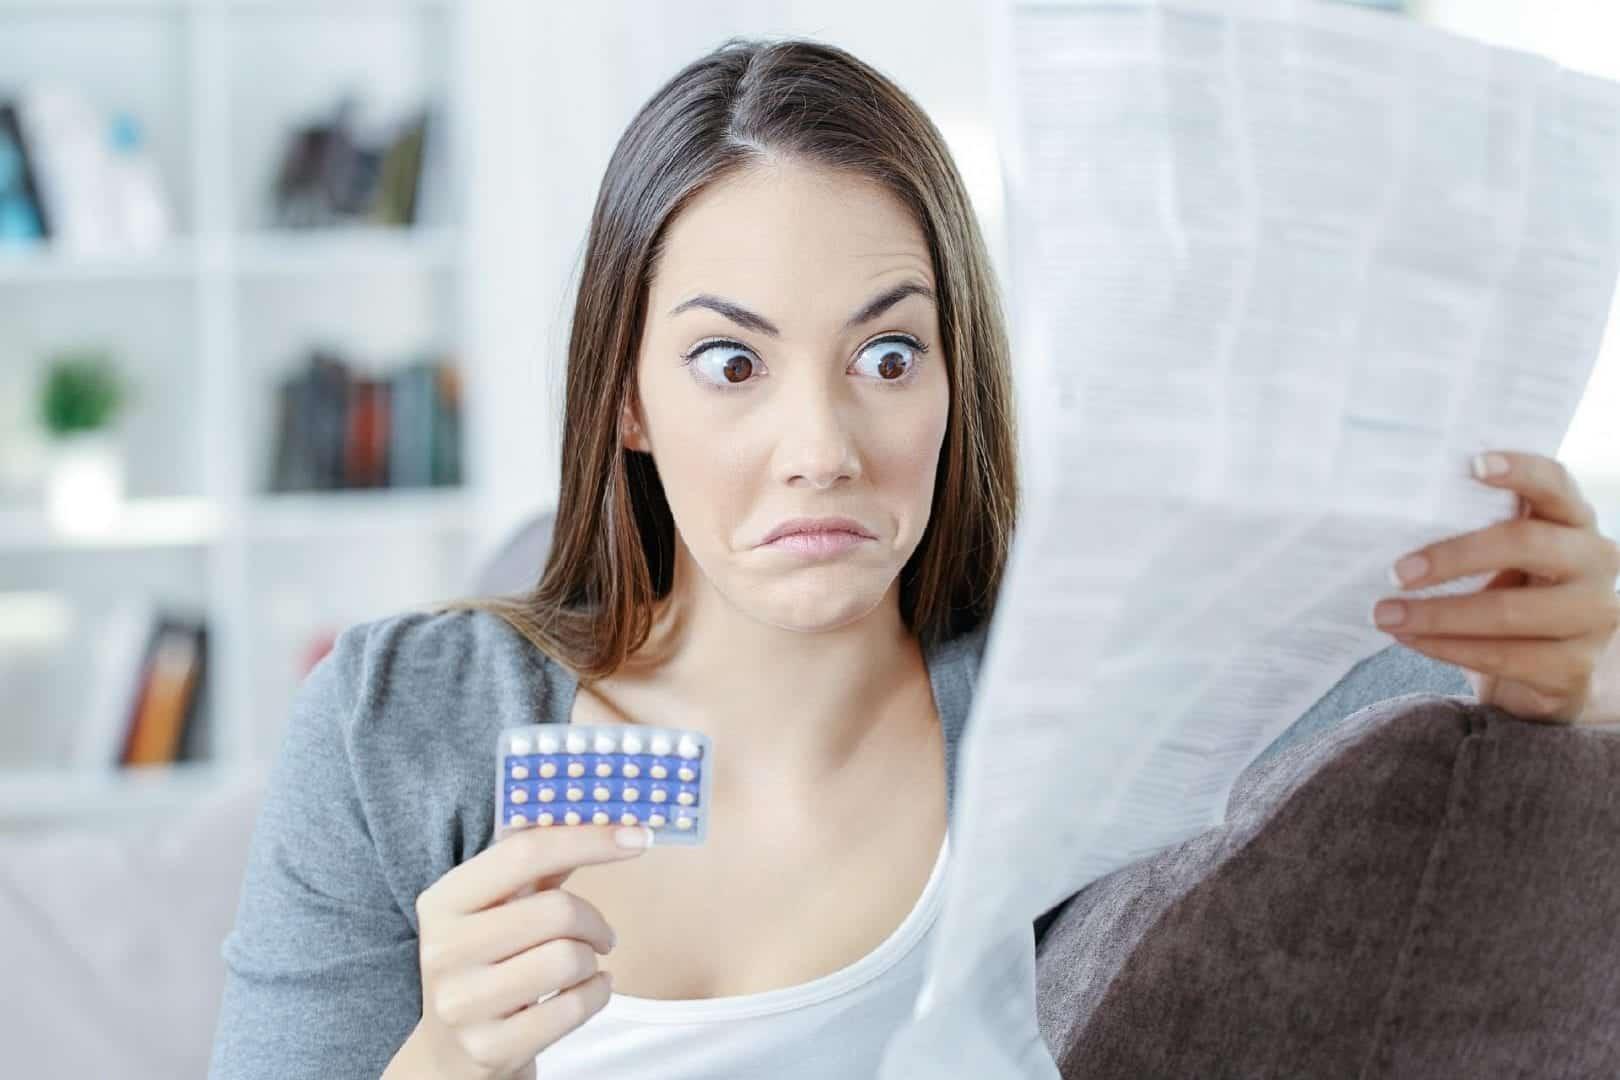 Anticoncepcional para acne? Saiba se o remédio realmente combate isso